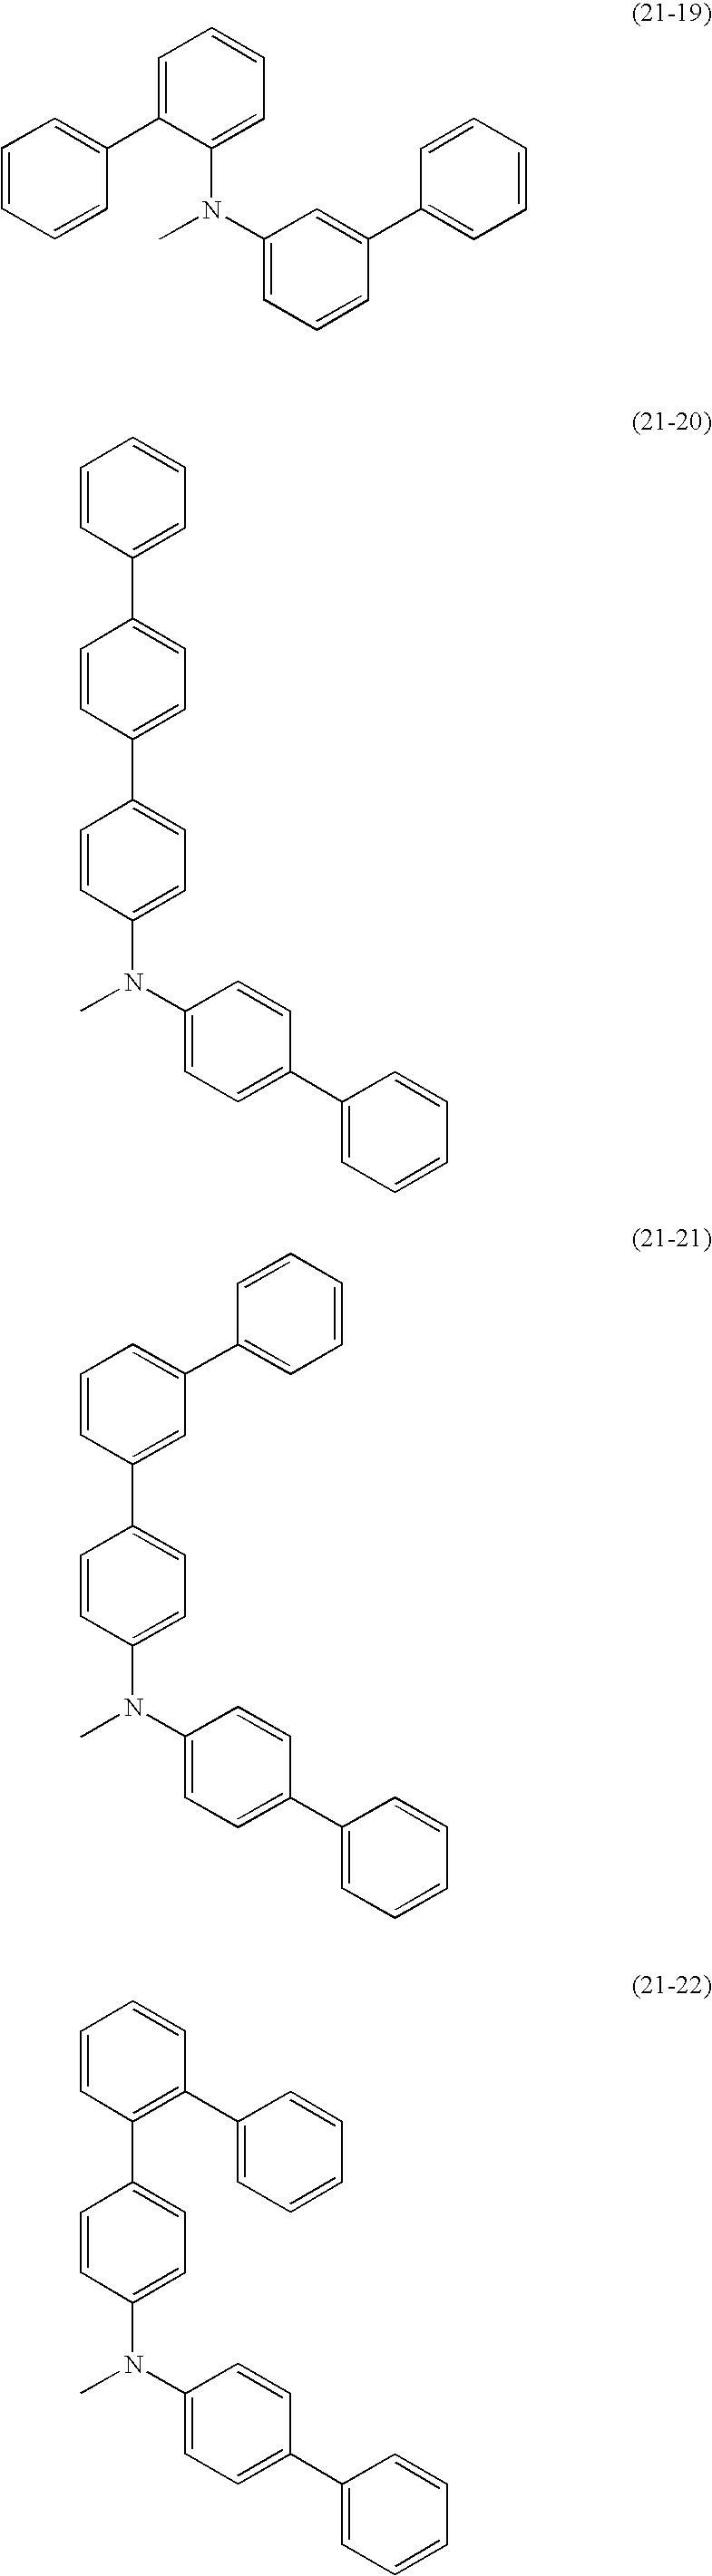 Figure US08178216-20120515-C00021